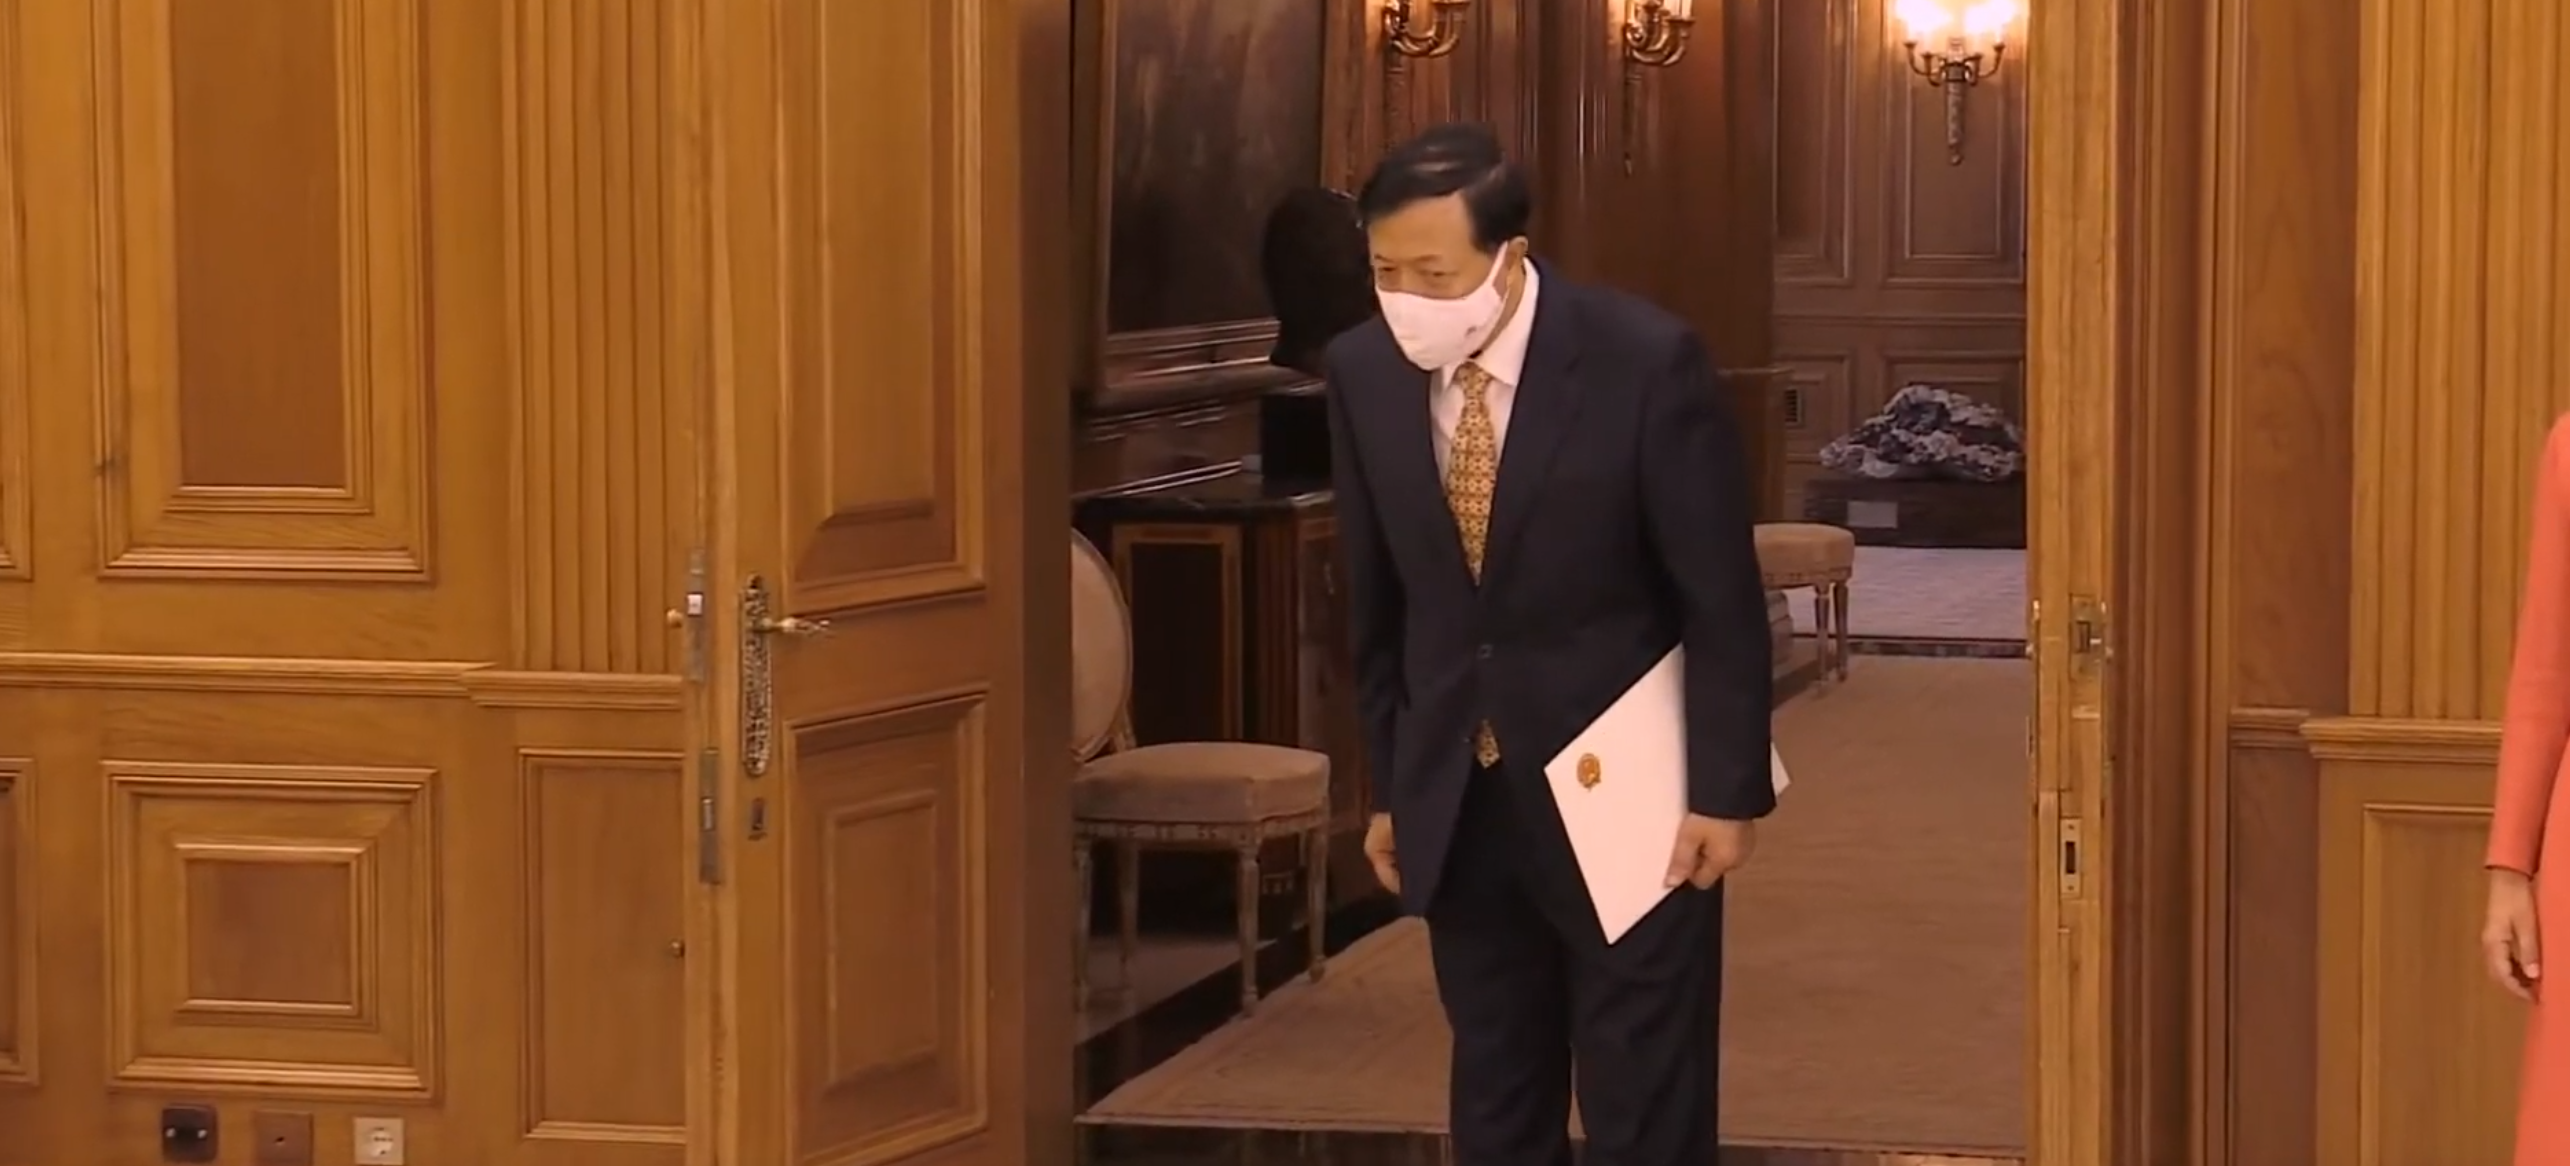 Presentación de Cartas Credenciales ante el rey Felipe VI.